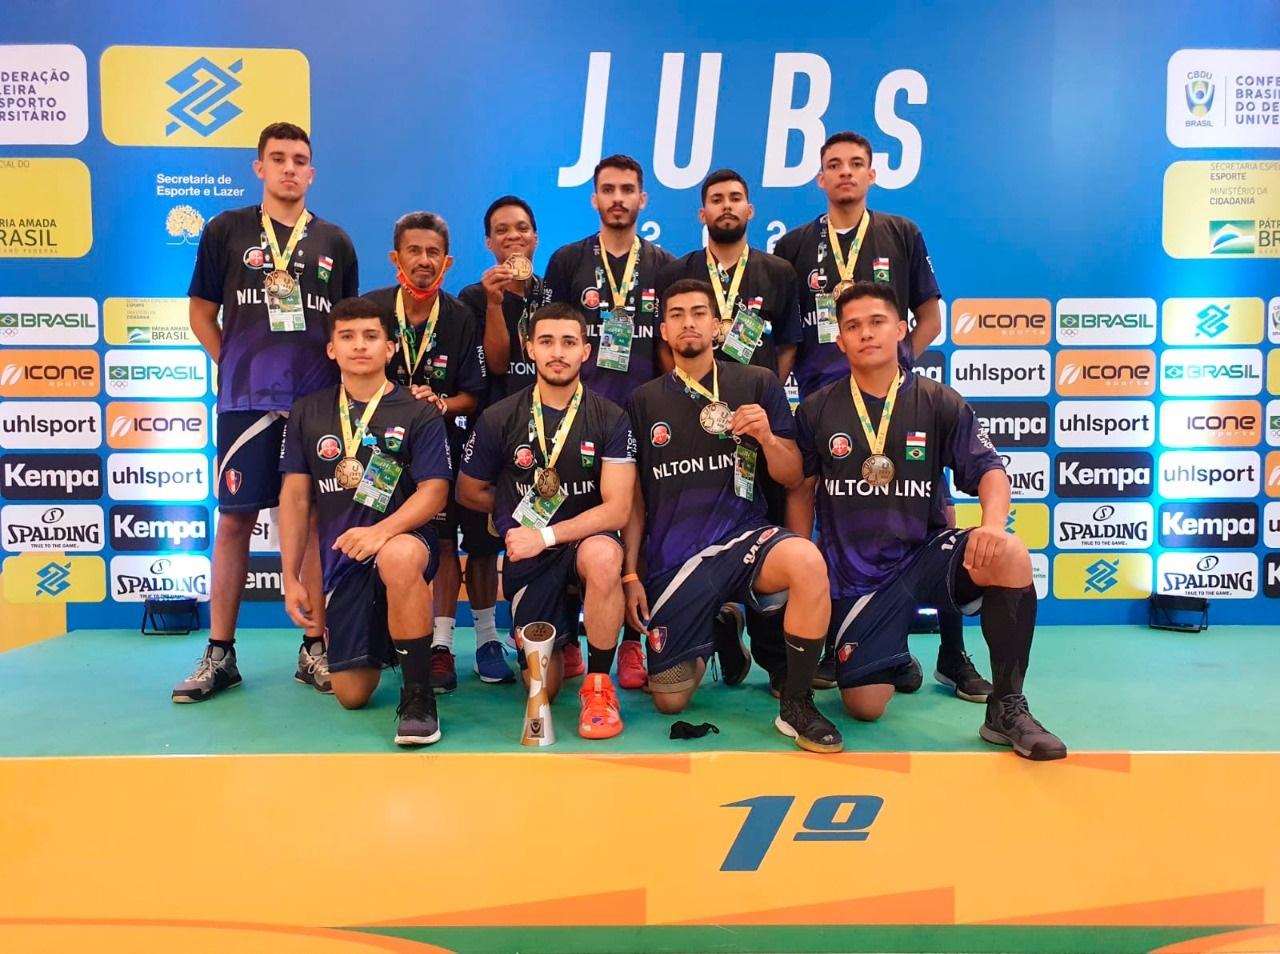 JUBs: AM conquista medalhas de ouro e prata em Brasília